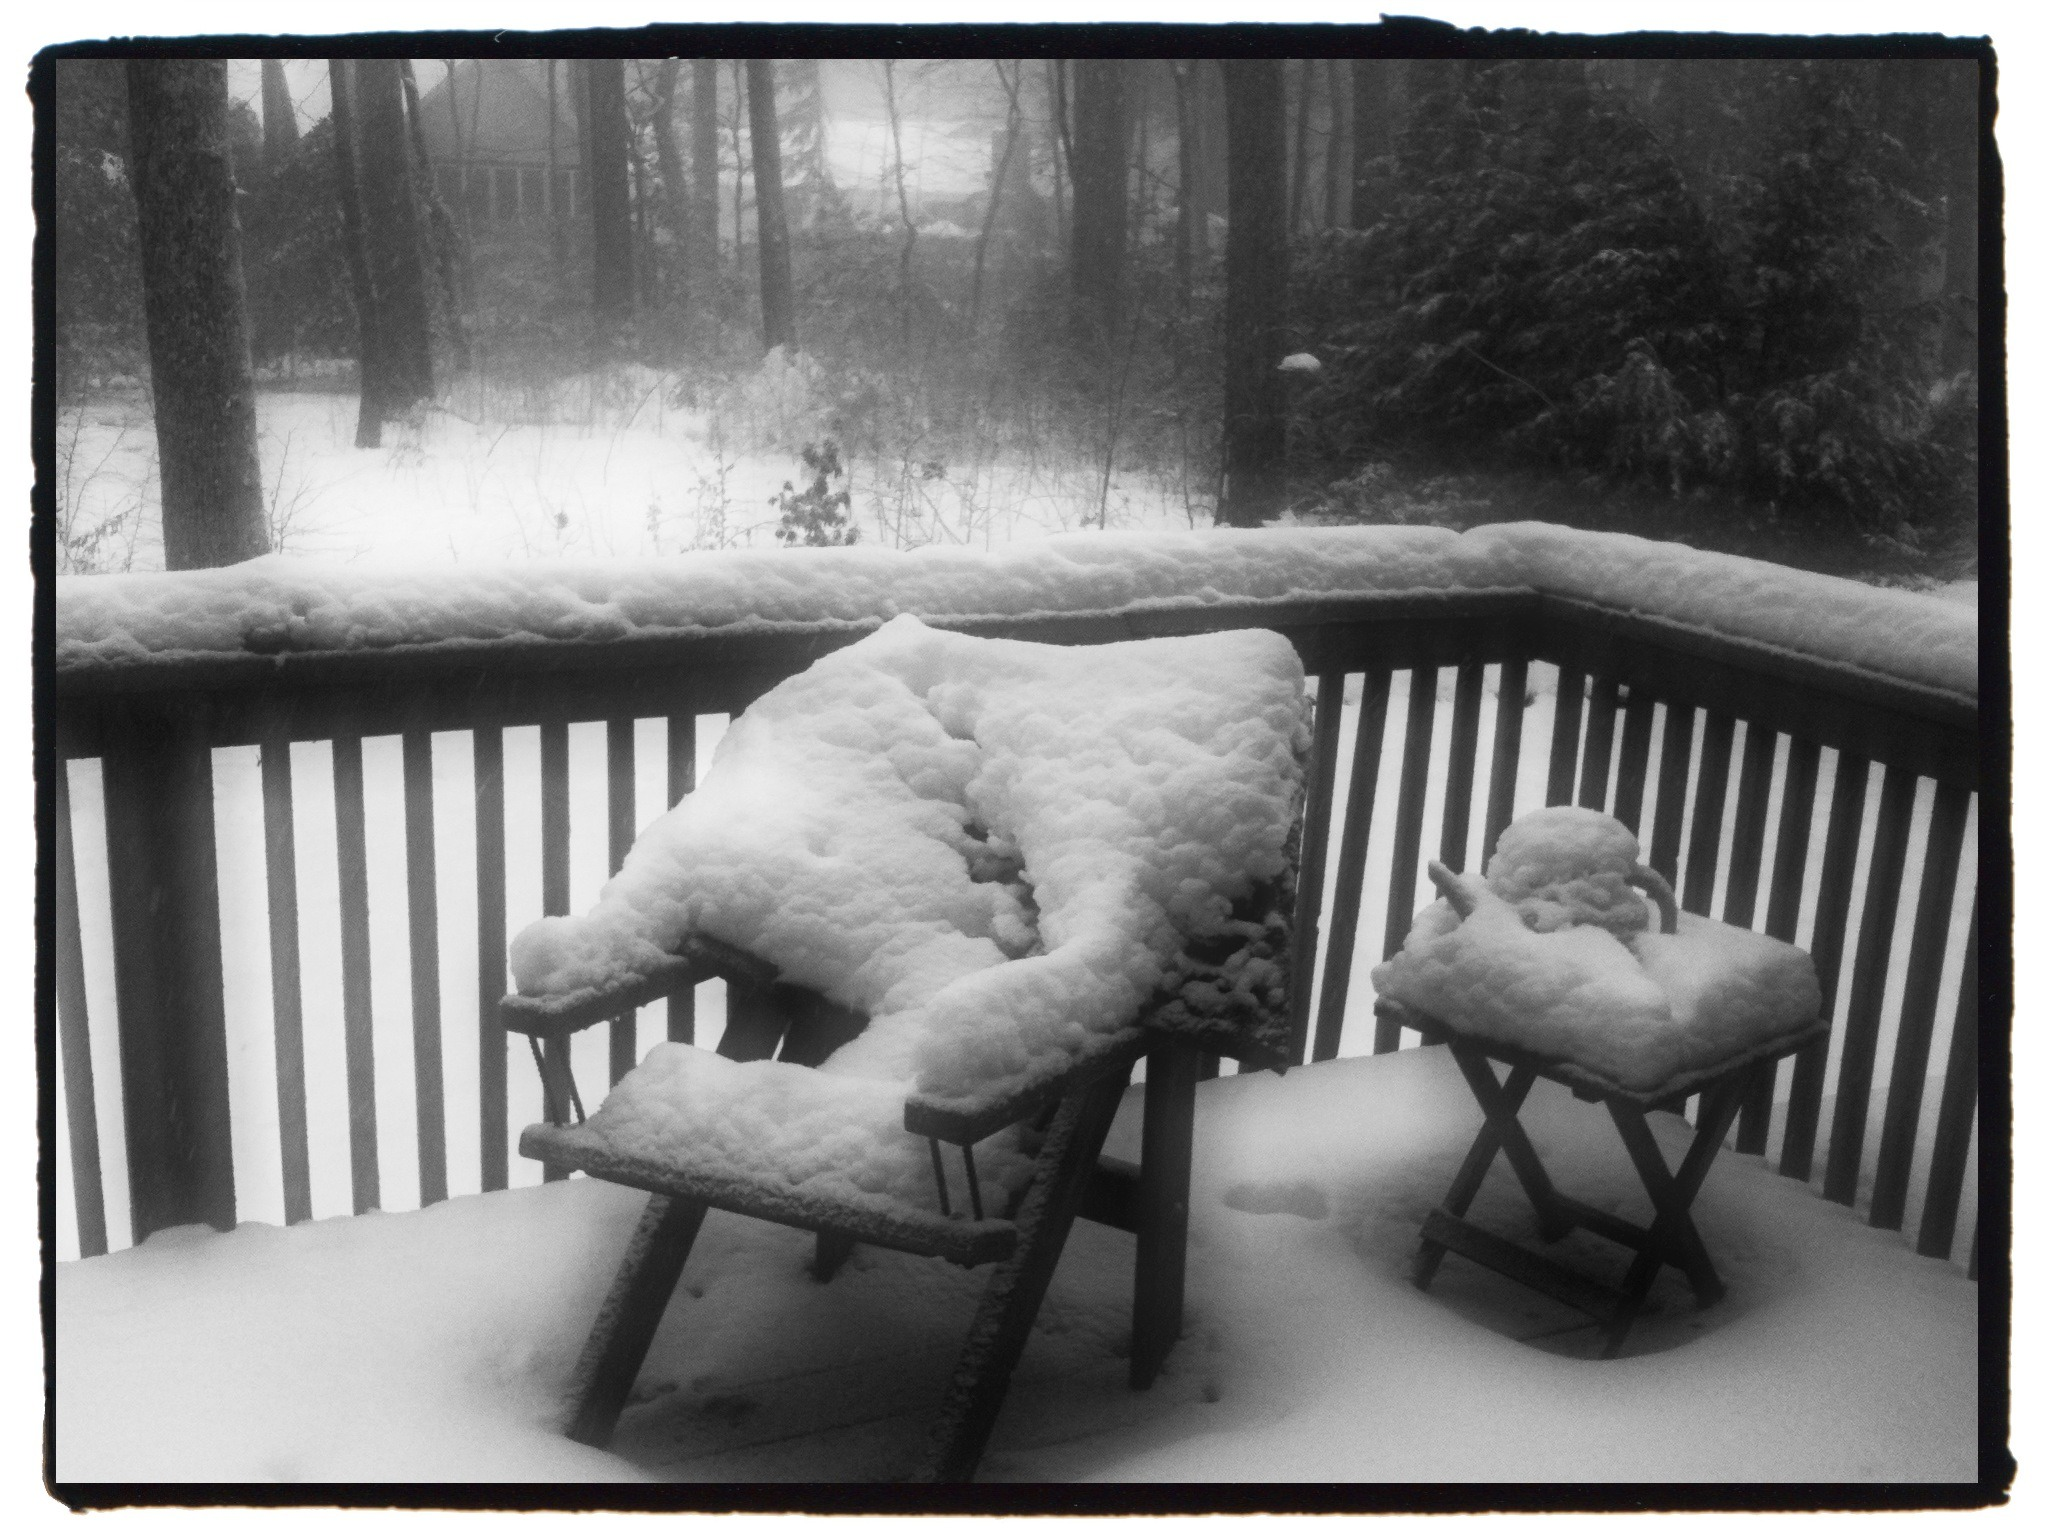 Feb 2010 Snow - Mobile photos